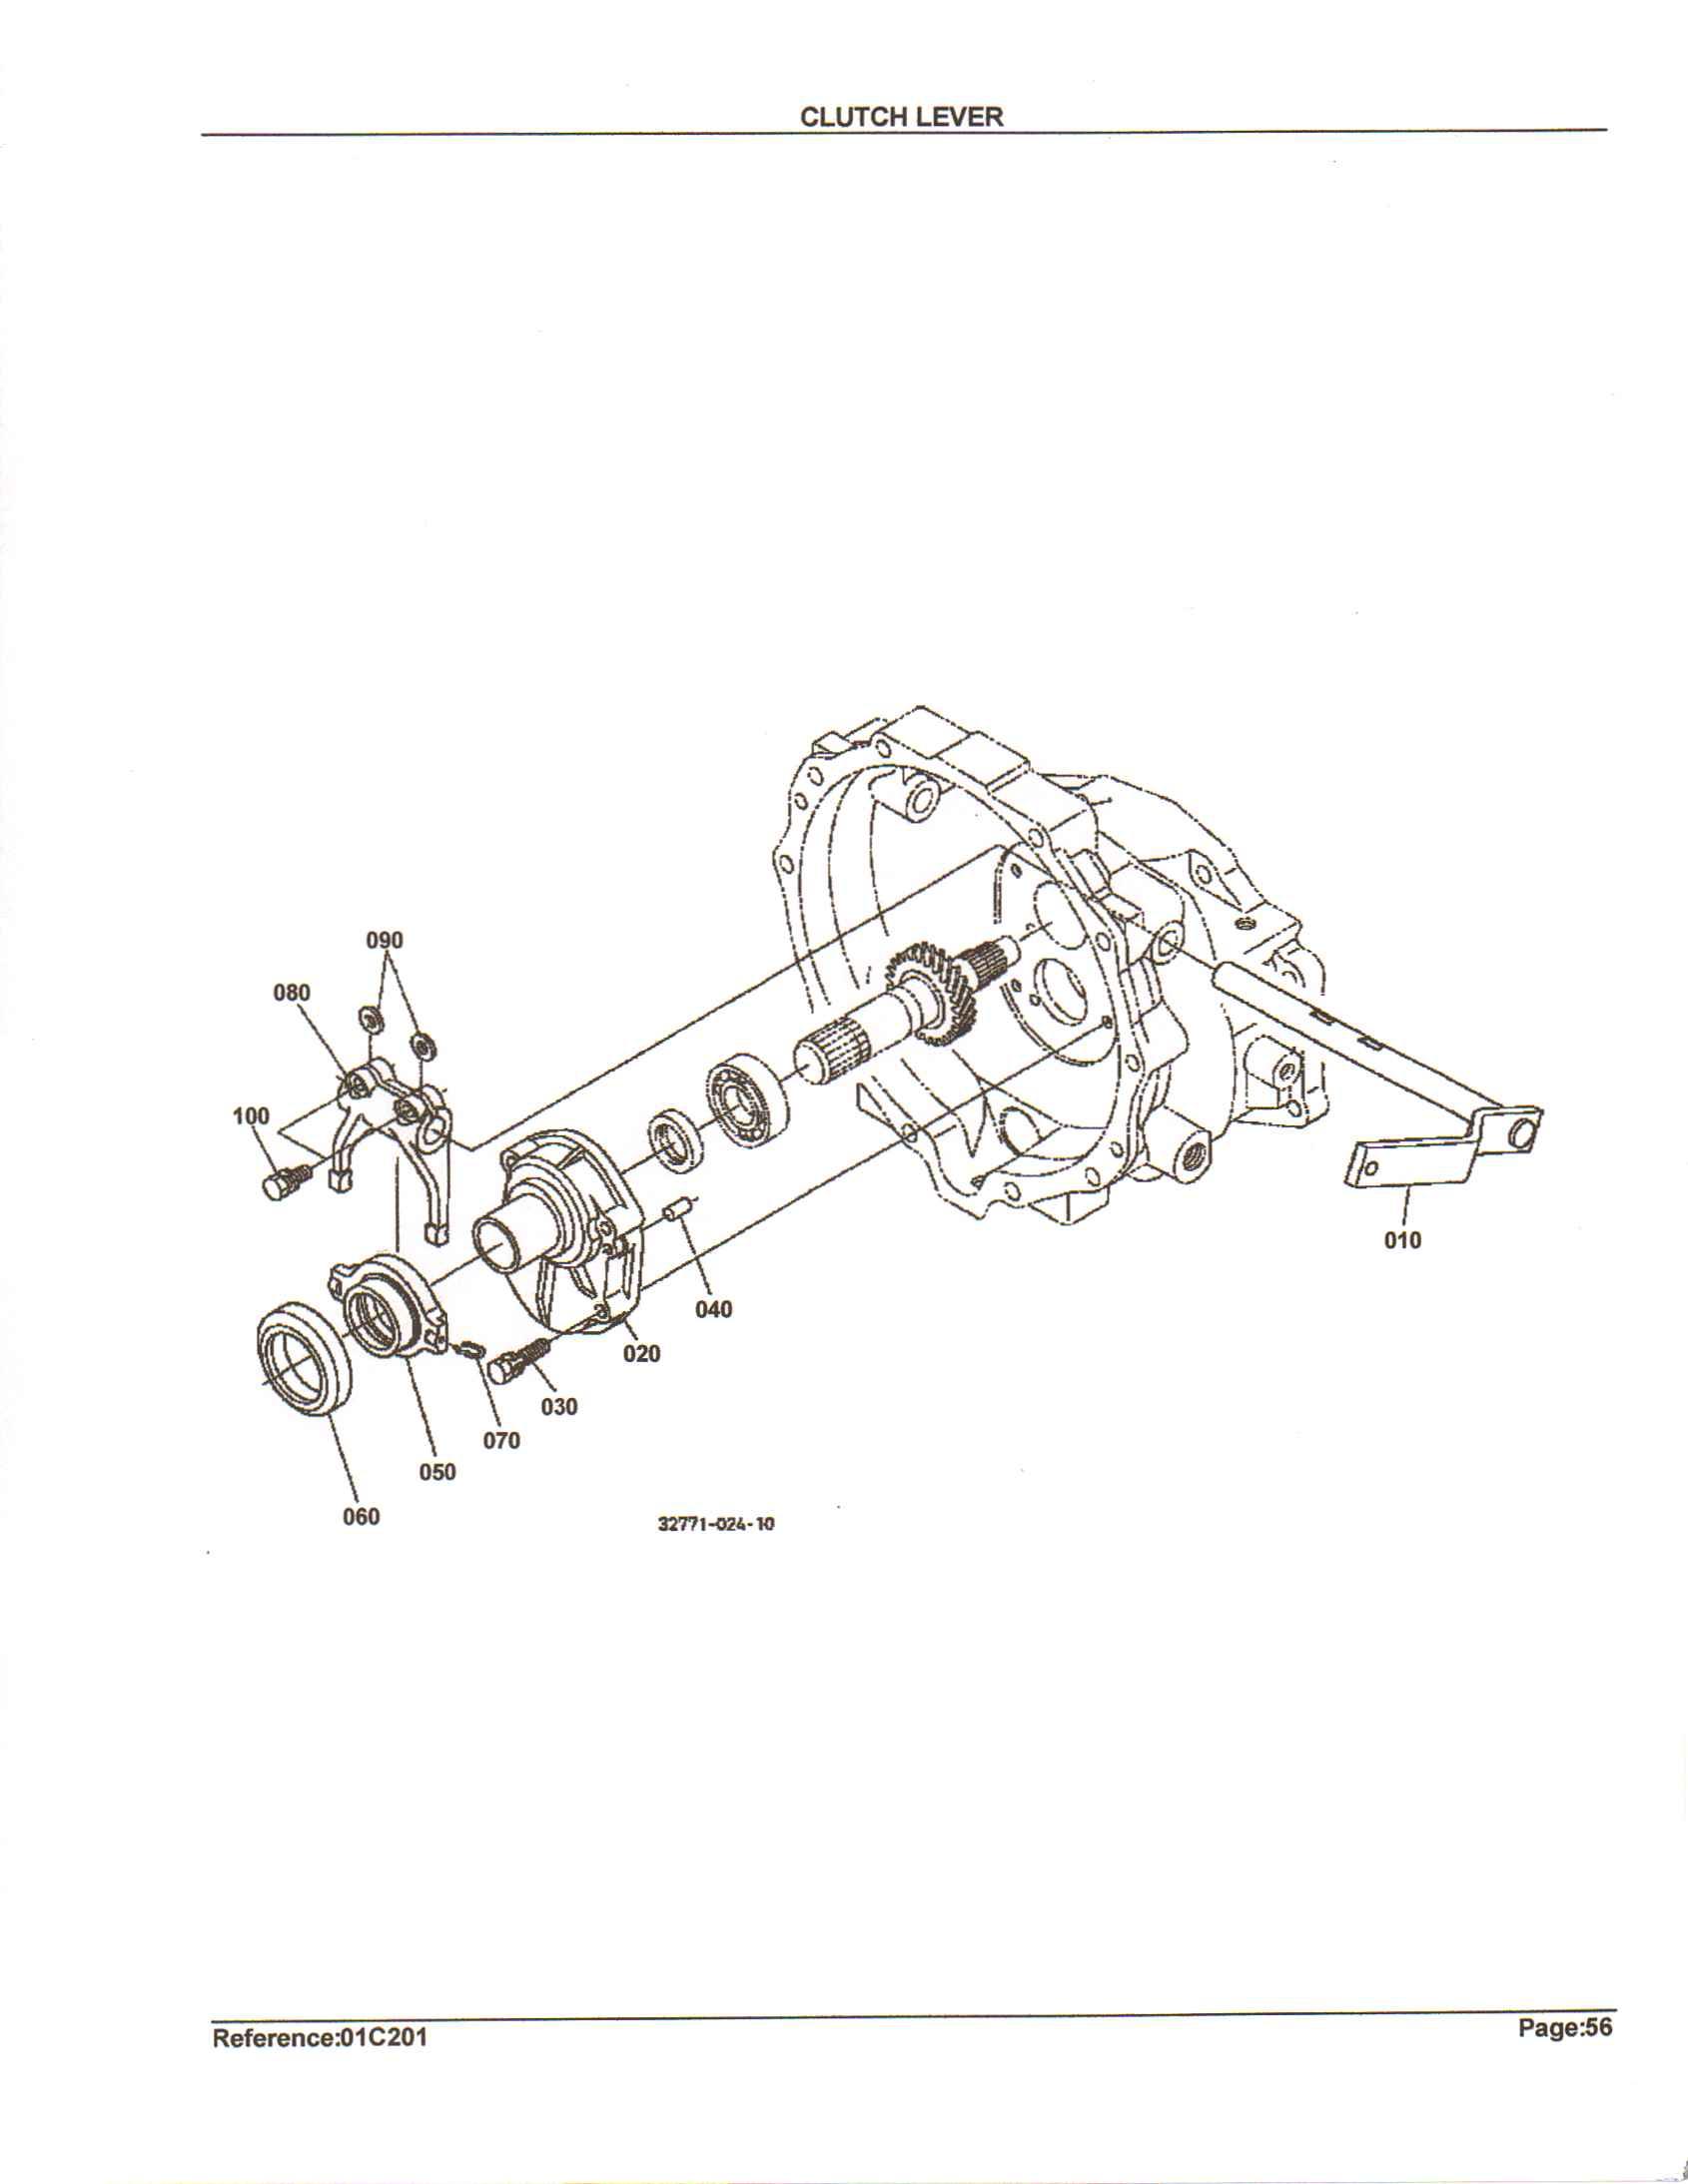 Kubota L260 Wiring Diagram L2600 Kubota Wiring Diagram